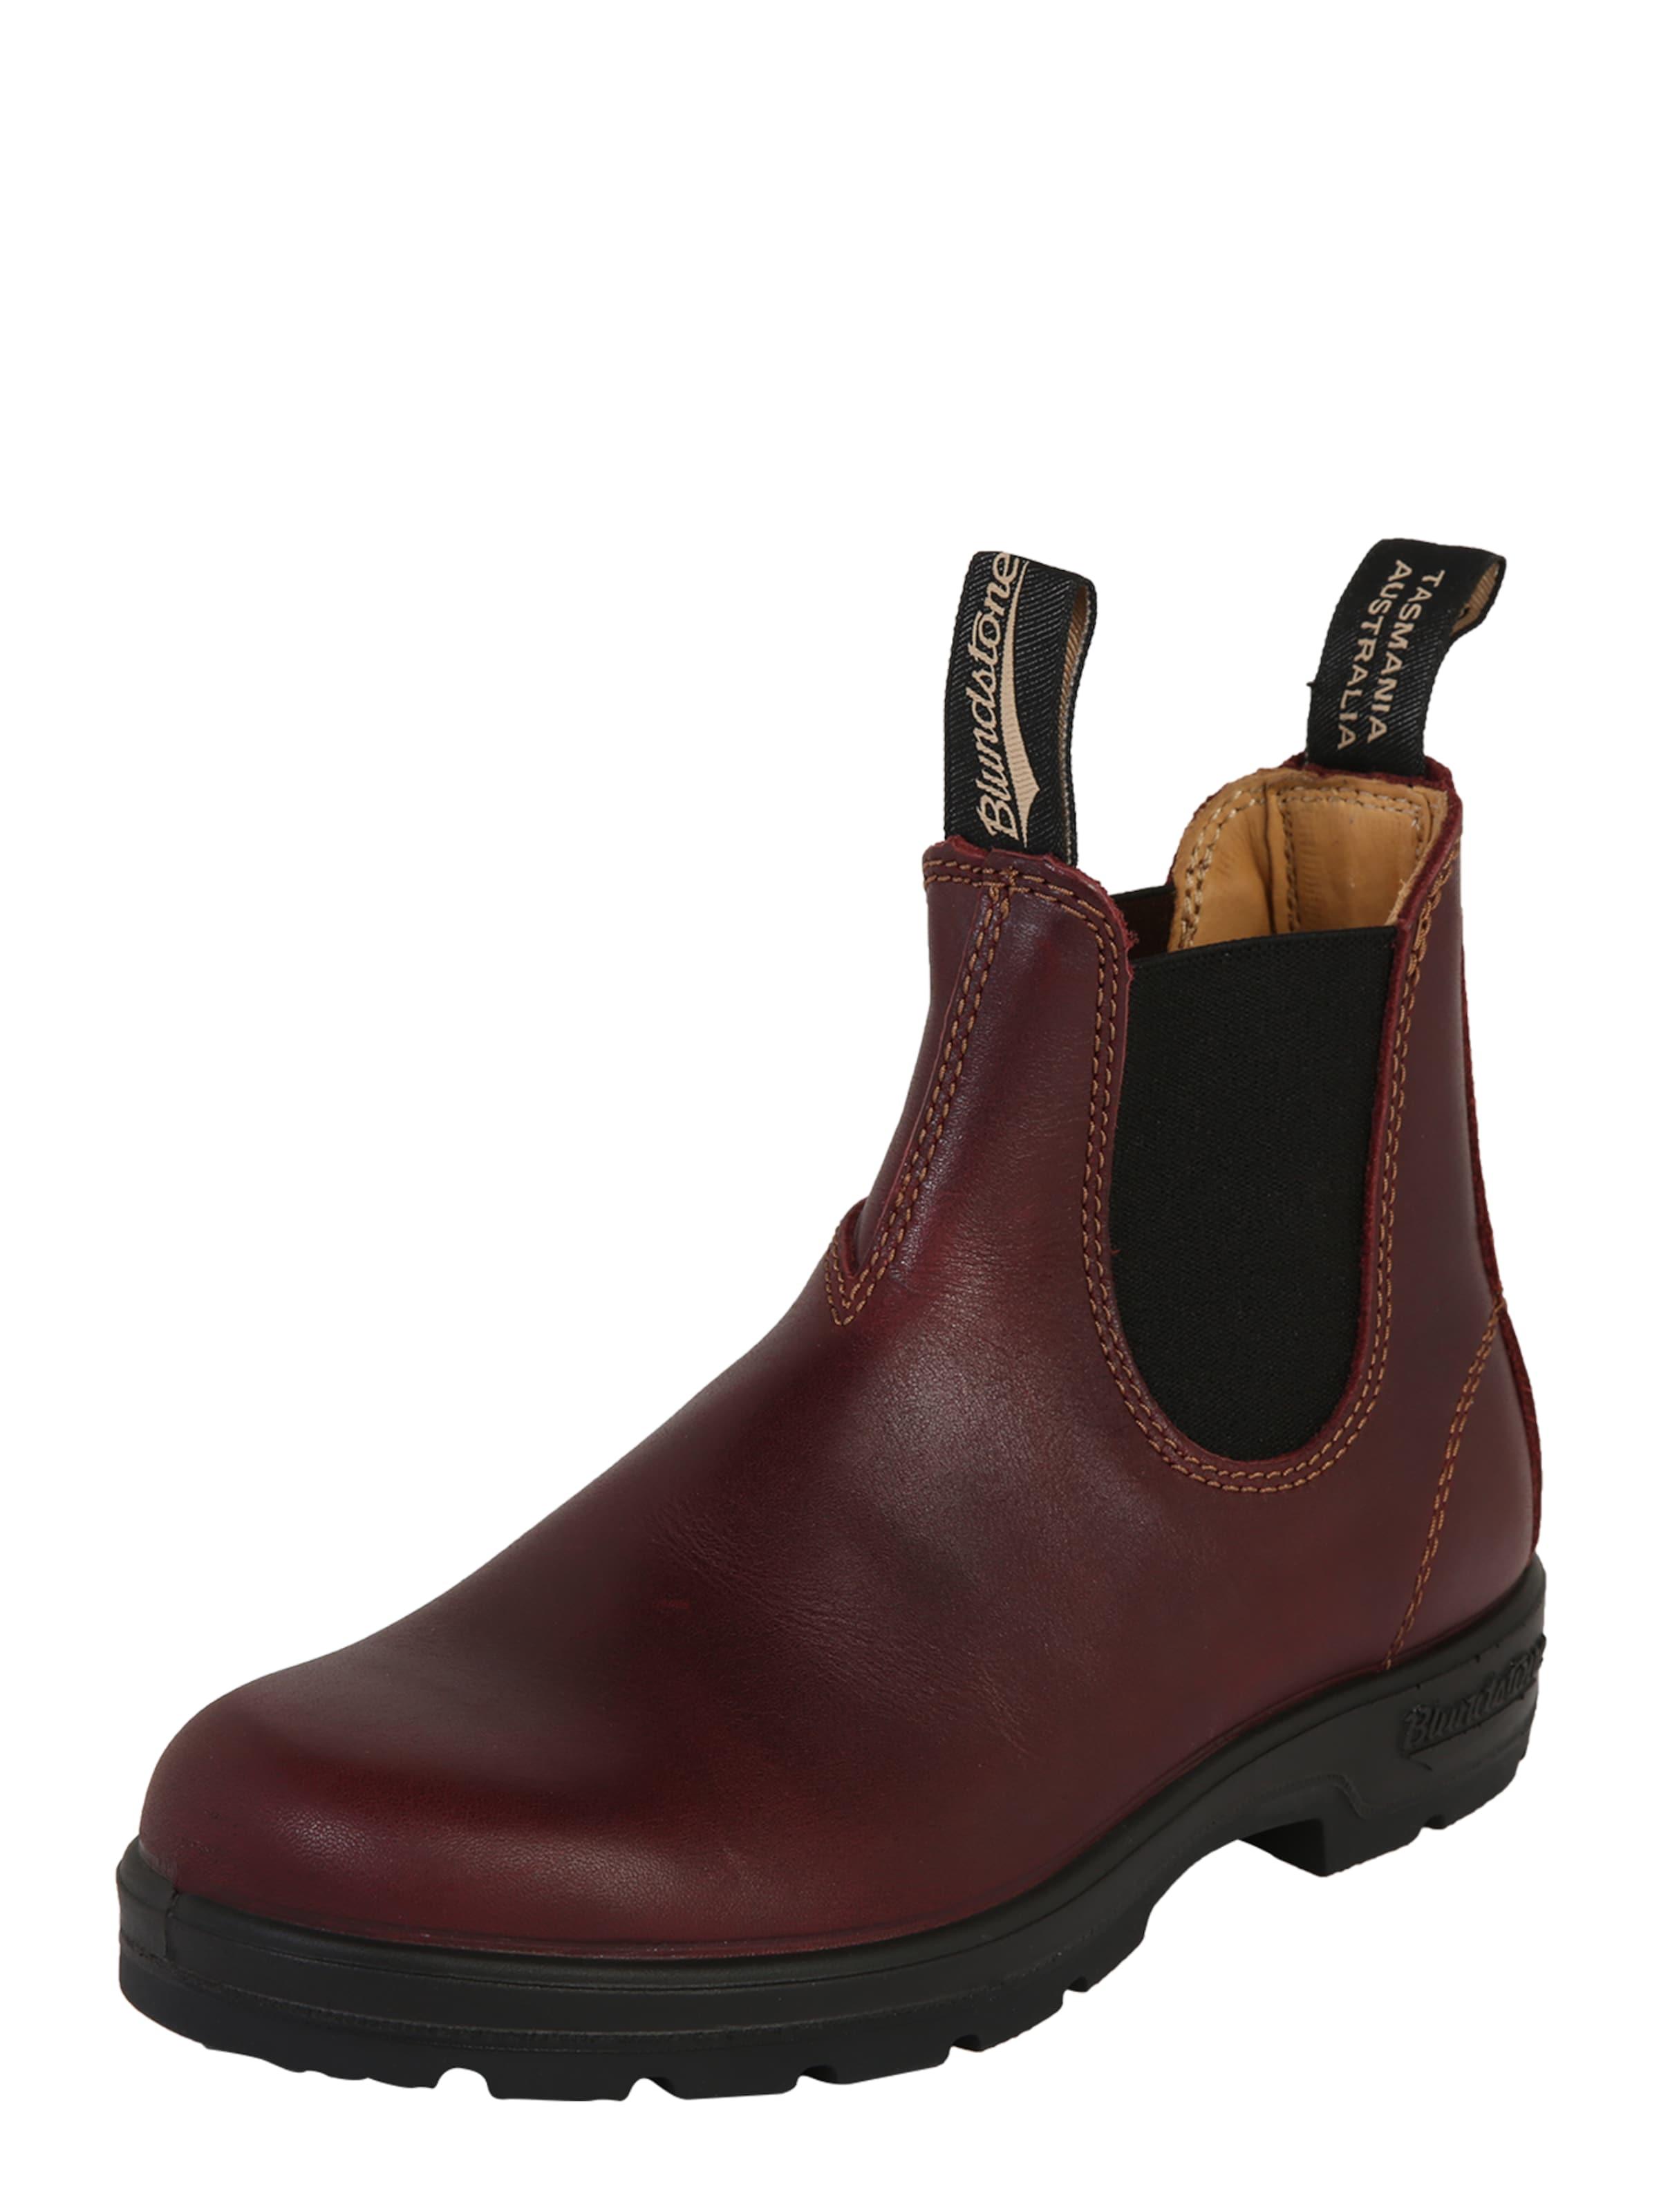 Boots Blundstone En MarronRouge '1440' Chelsea GqUMpSzV